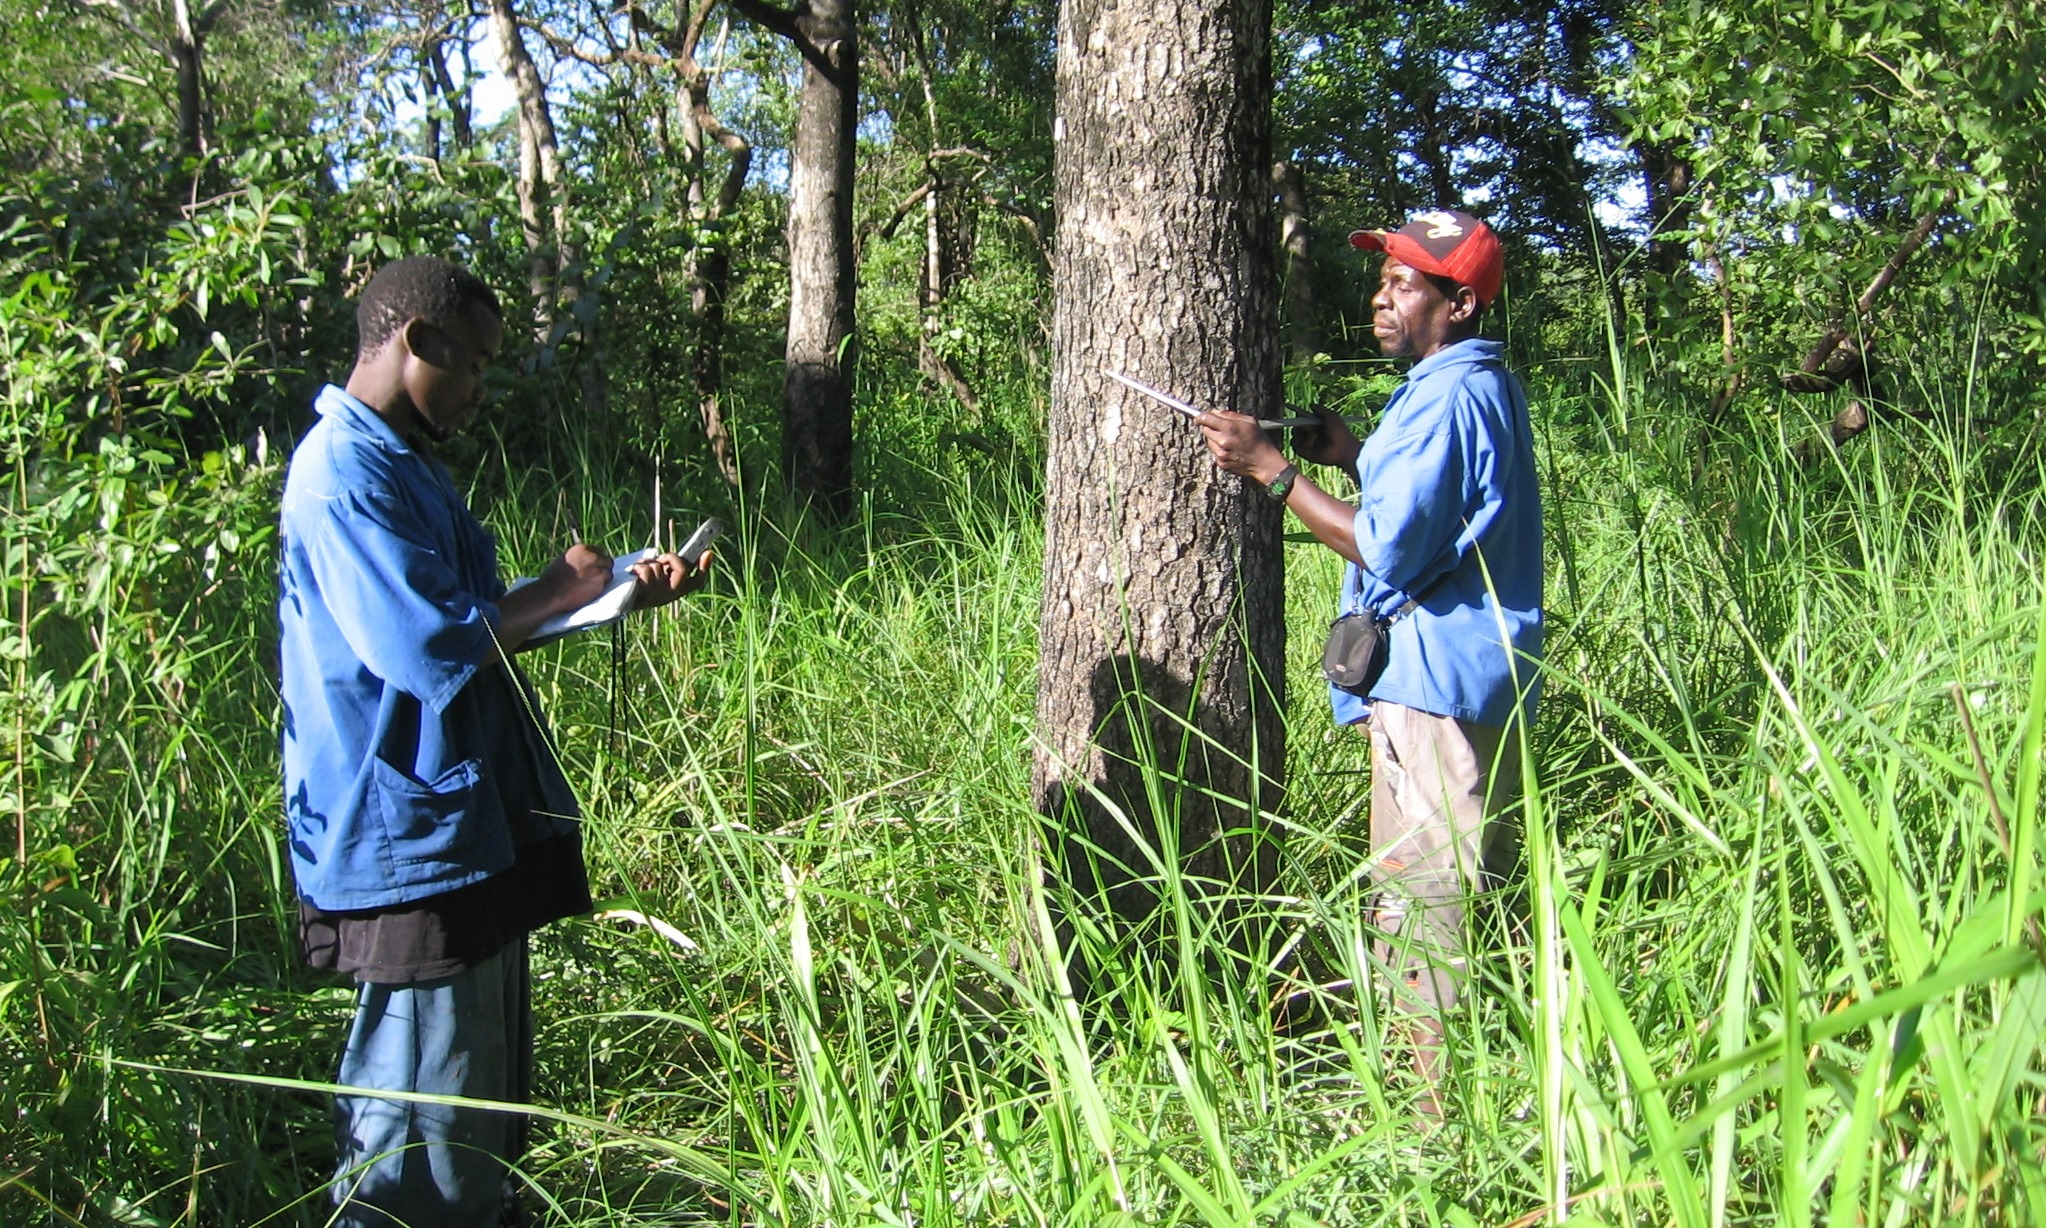 Inventários Florestais detalhados são feitas antes das operações começarem  -  Detailed forestry inventories are conducted prior to operations commencing.